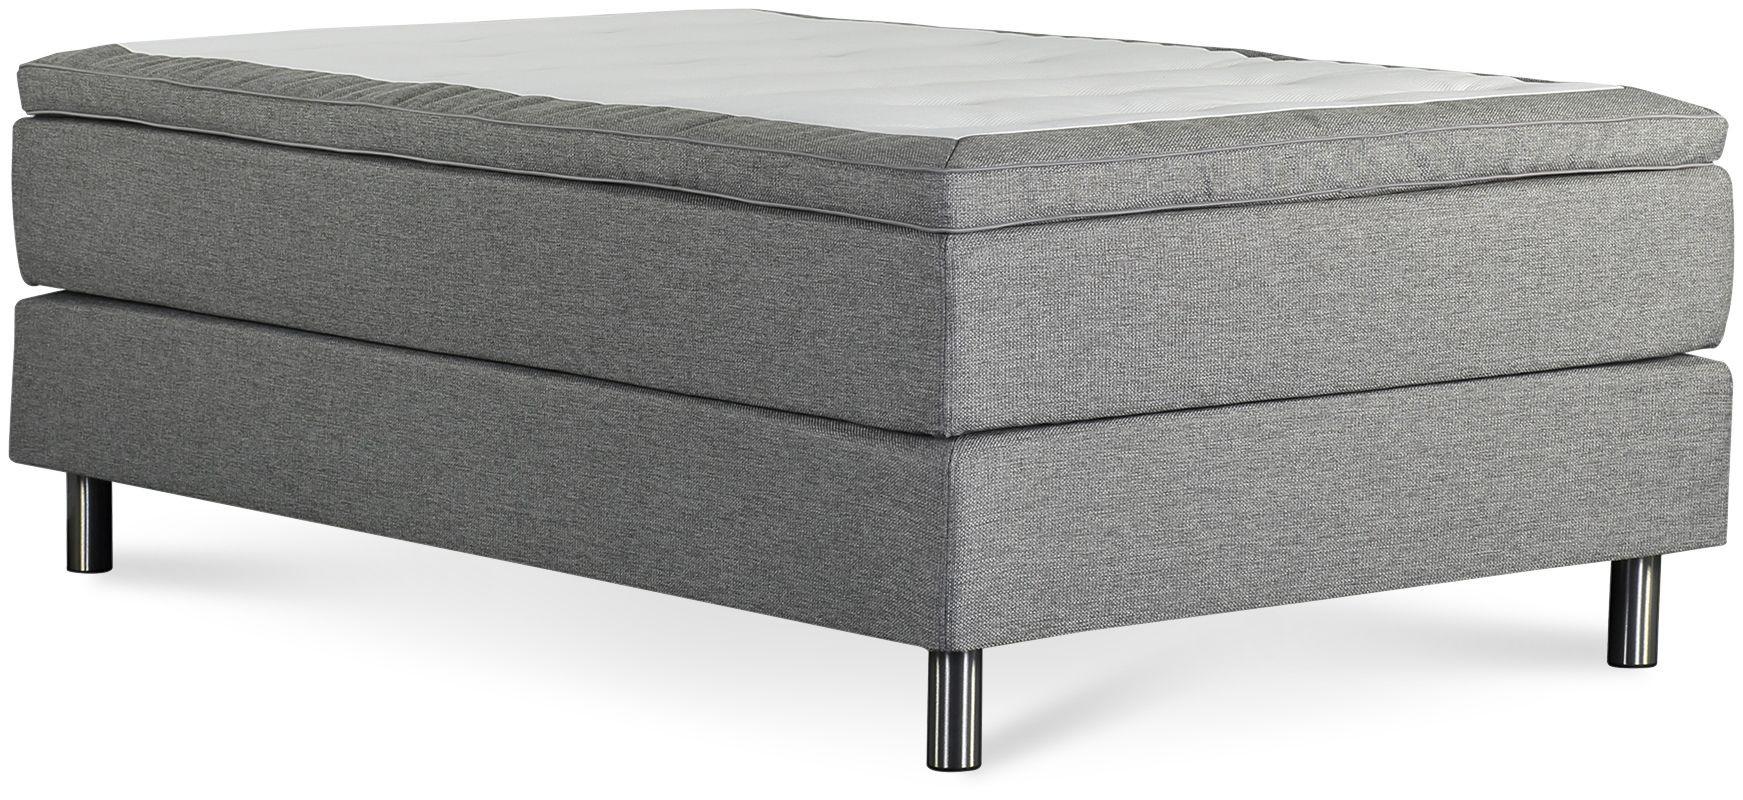 Łóżko Iceland 120x200 (jasno szary)